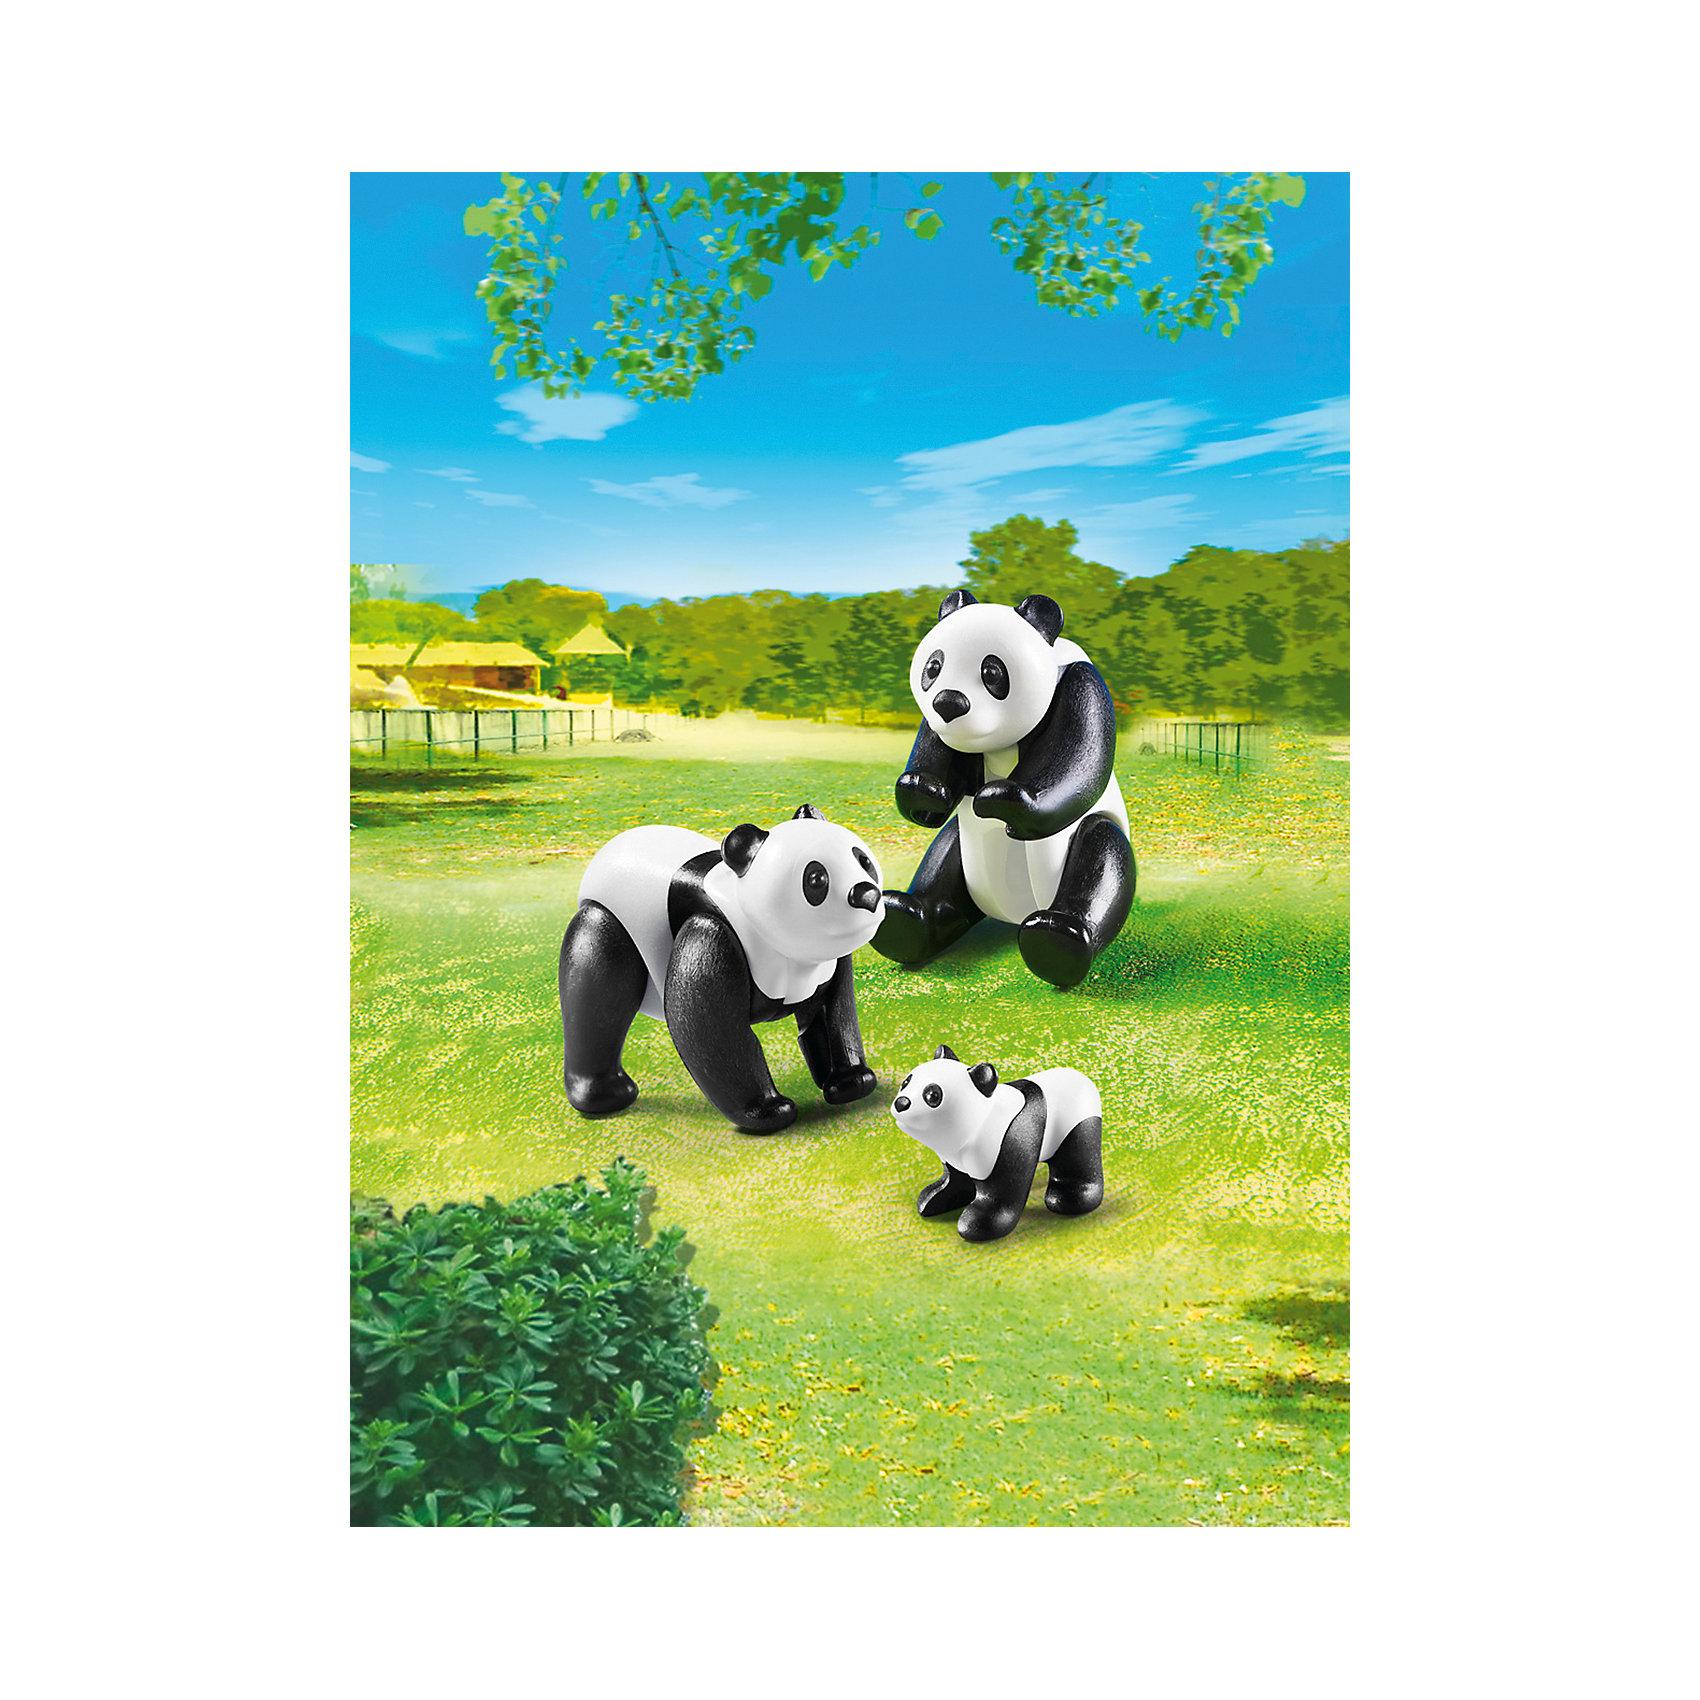 PLAYMOBIL® Зоопарк: Семья Панд, PLAYMOBIL playmobil® зоопарк стая фламинго playmobil